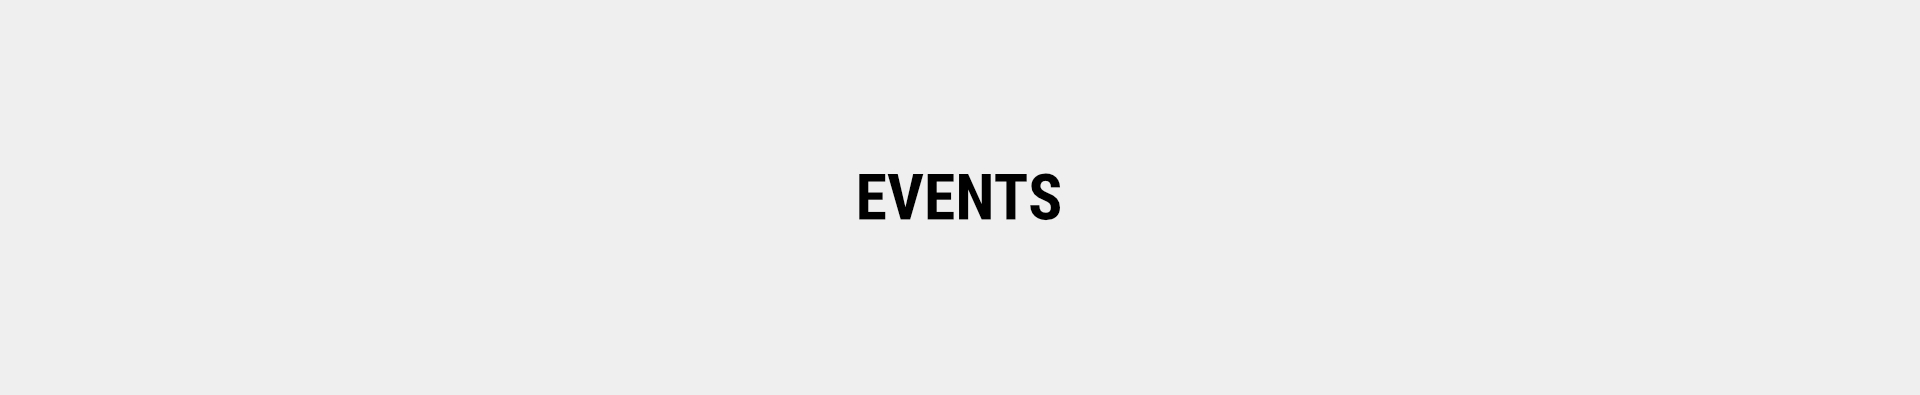 burggrafburggraf_aktuelles_events